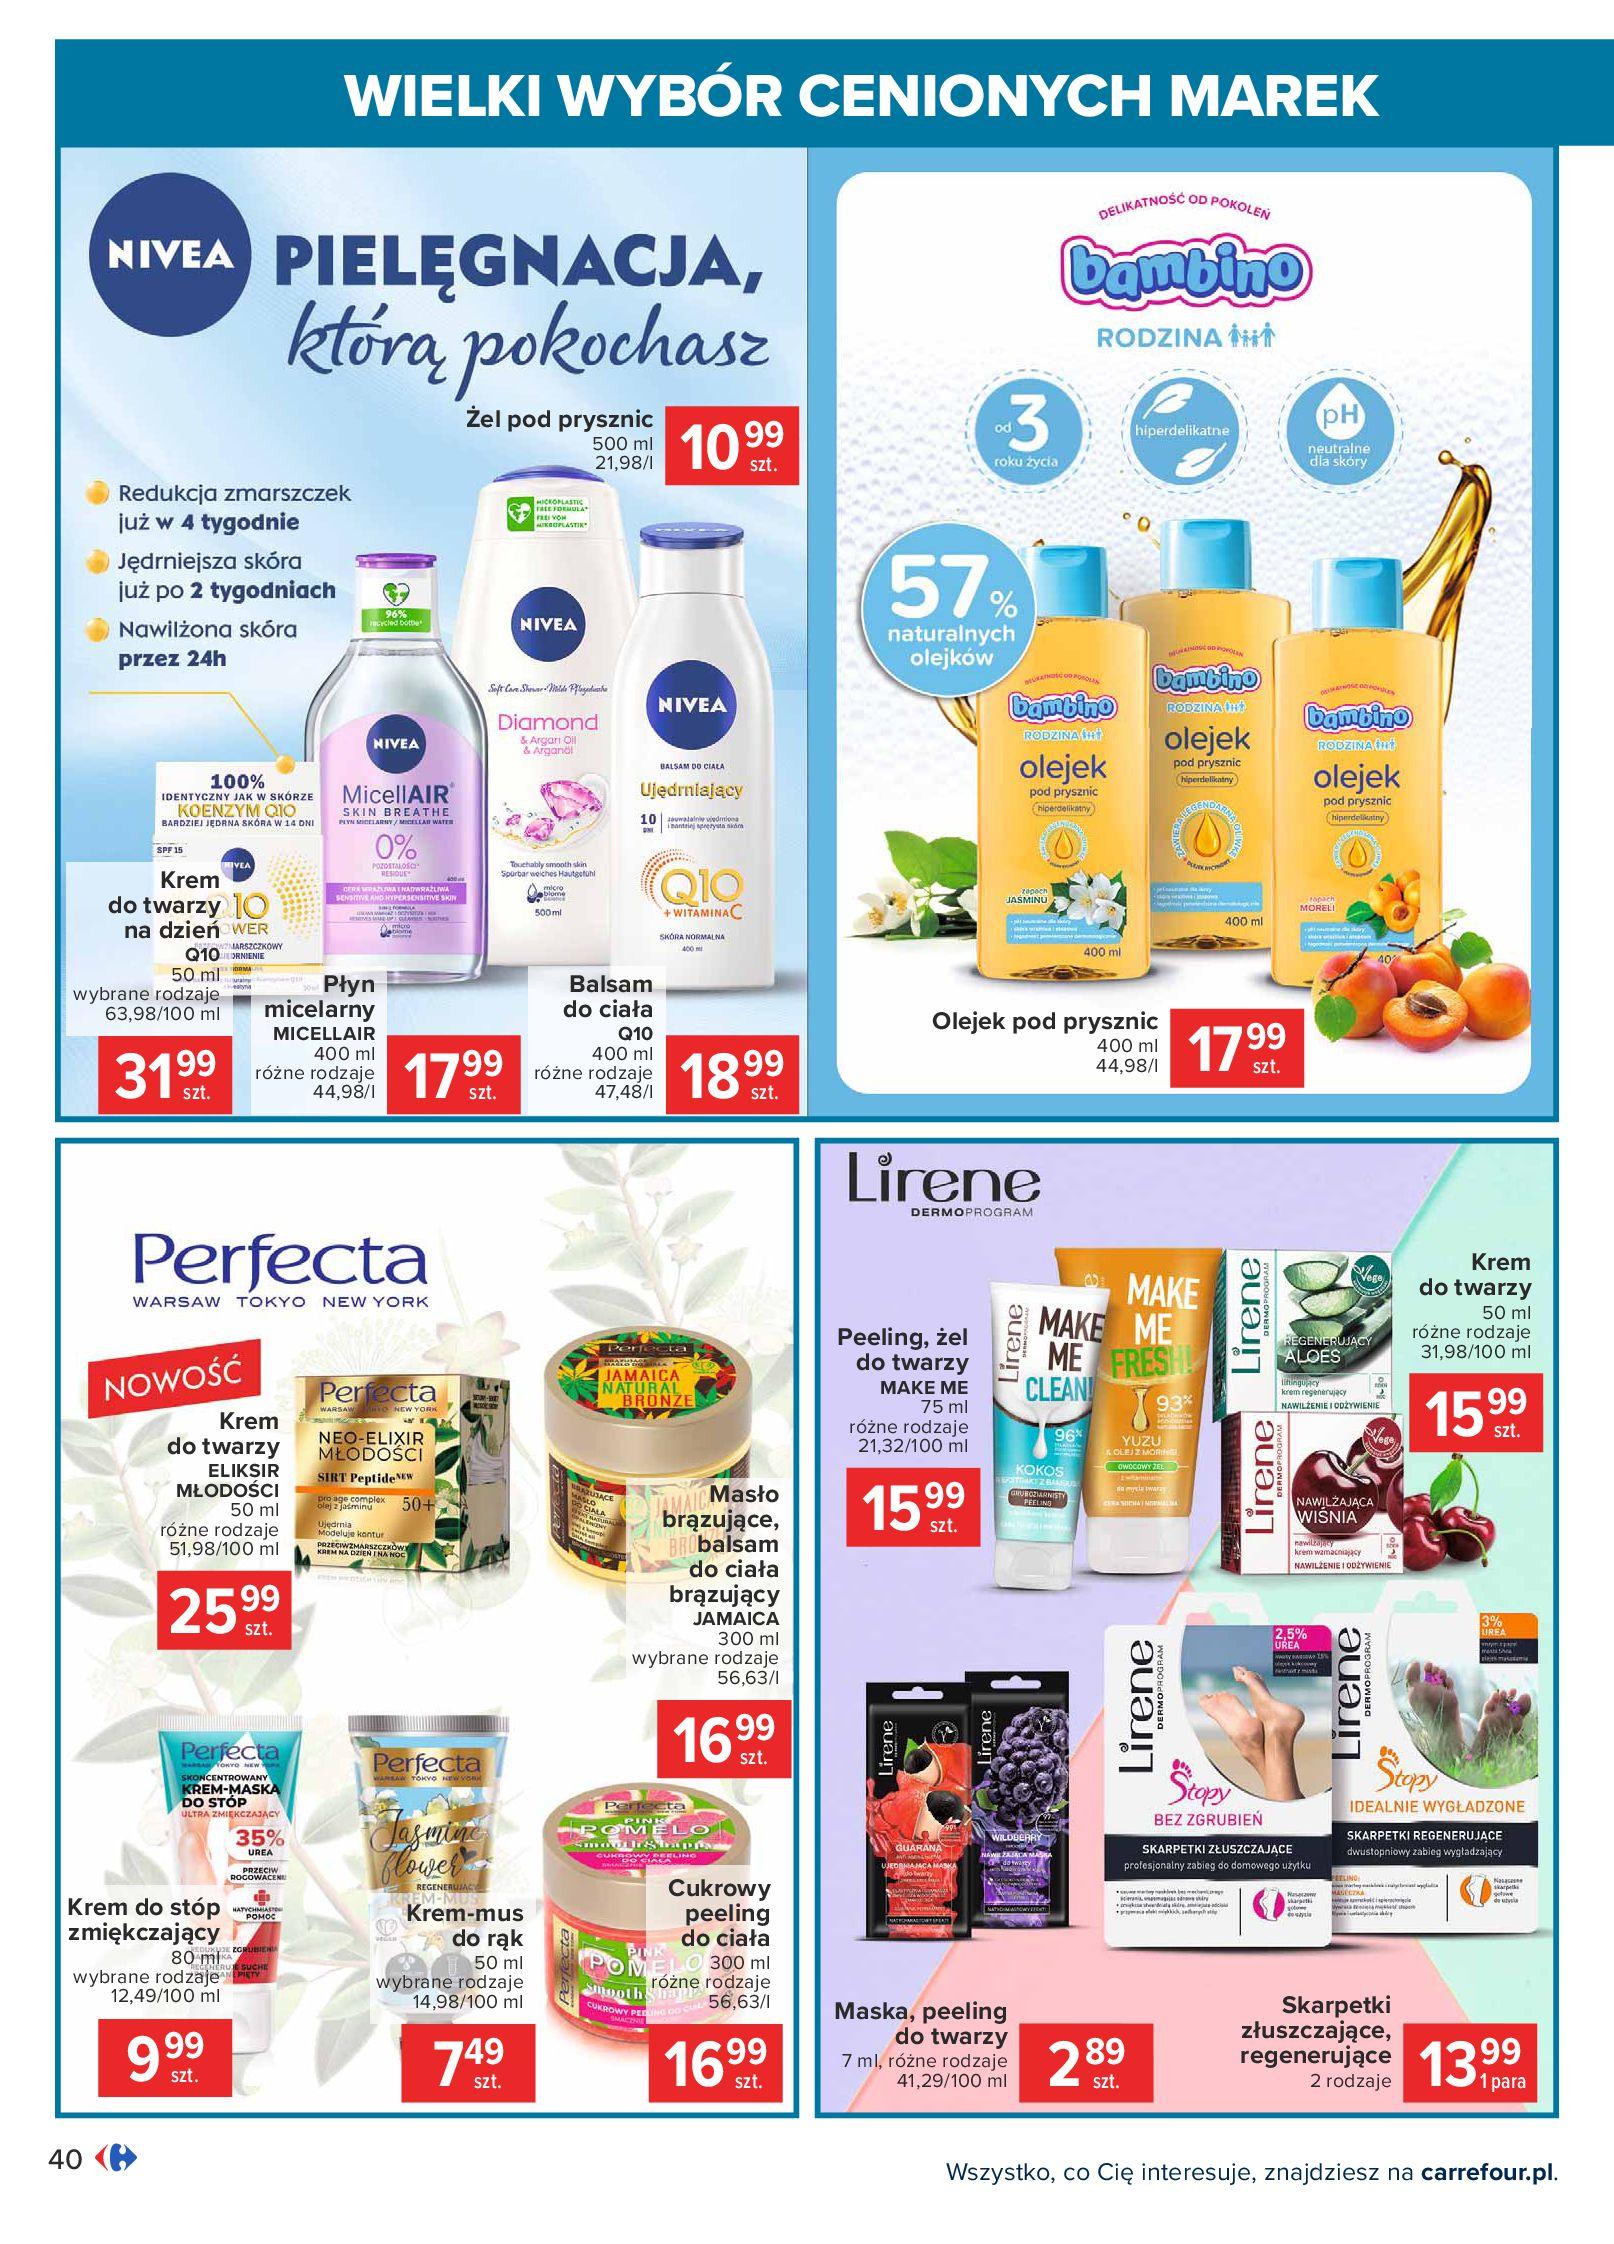 Gazetka Carrefour: Wielki wybór cenionych marek 2021-05-04 page-40